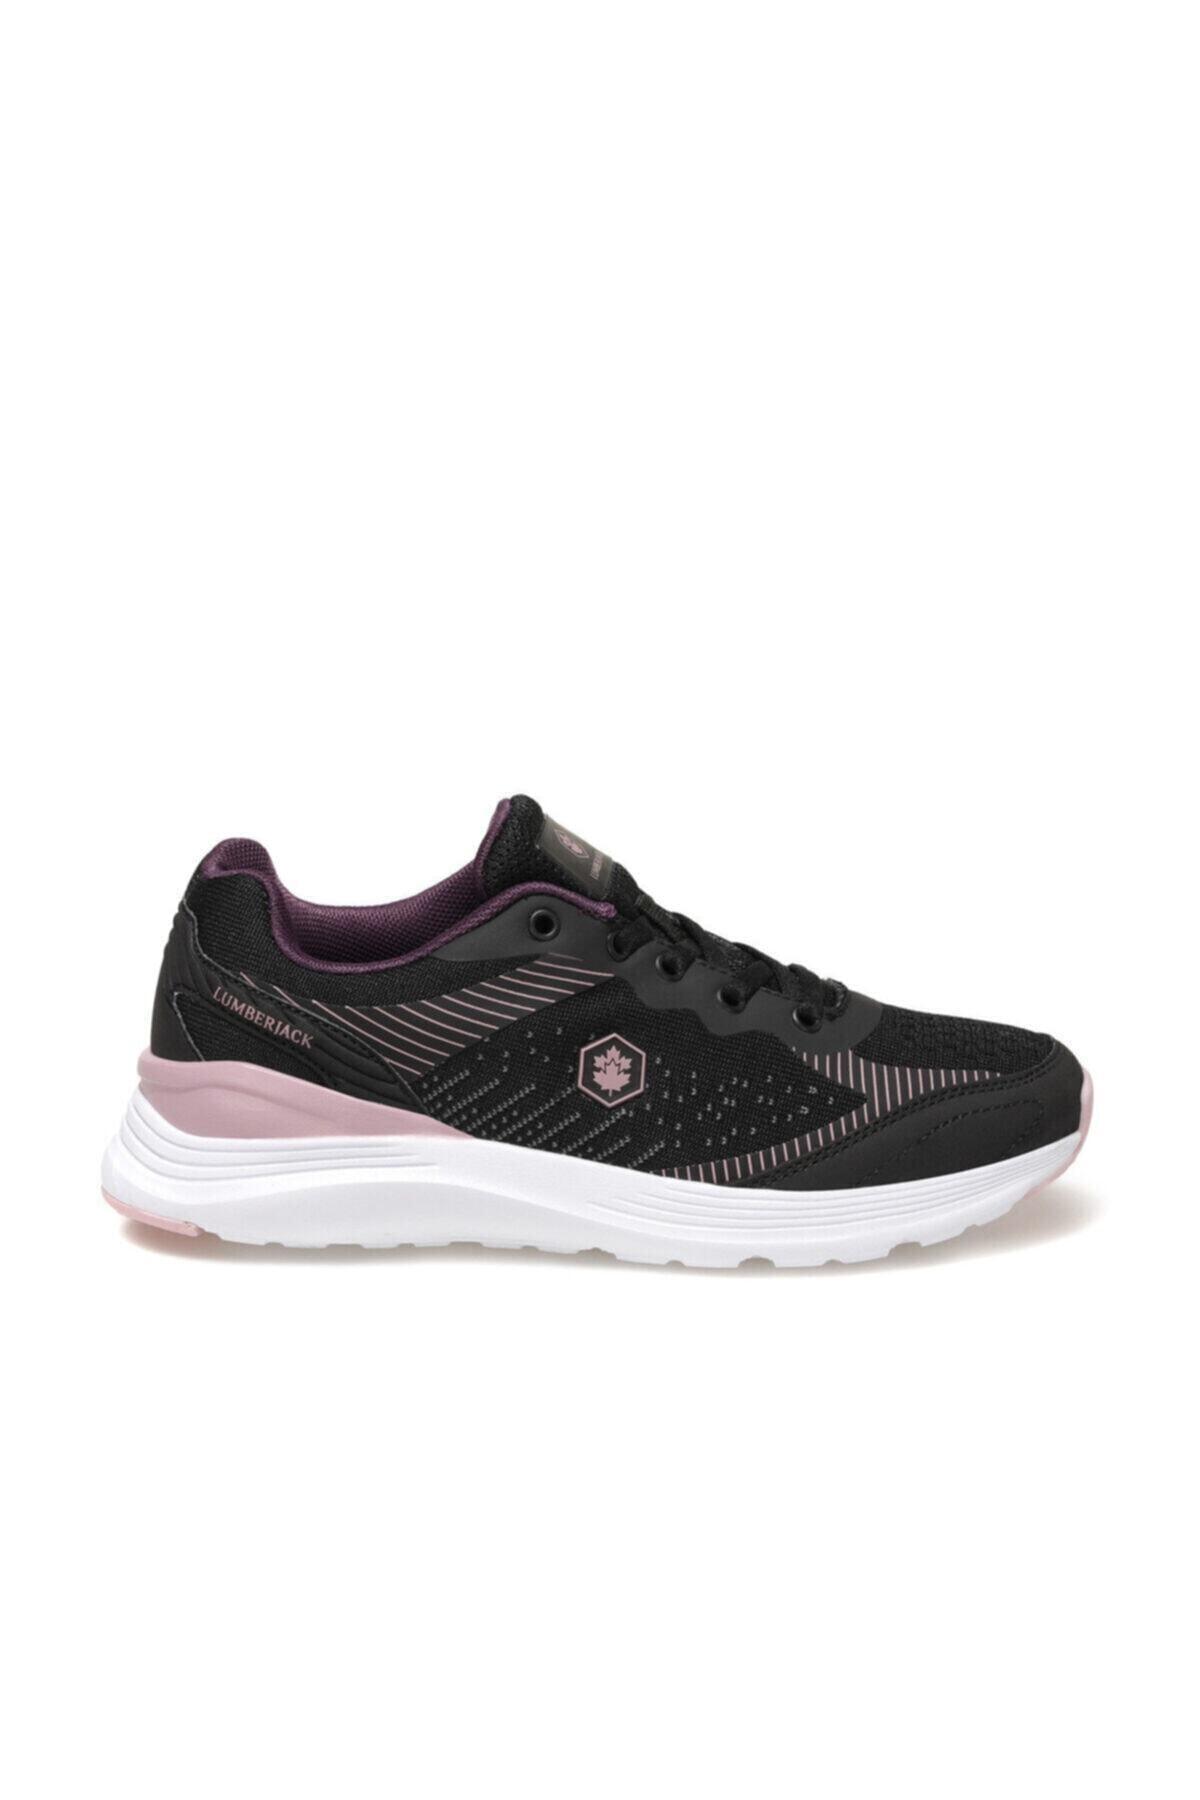 lumberjack VERONICA Siyah Kadın Koşu Ayakkabısı 100535475 2